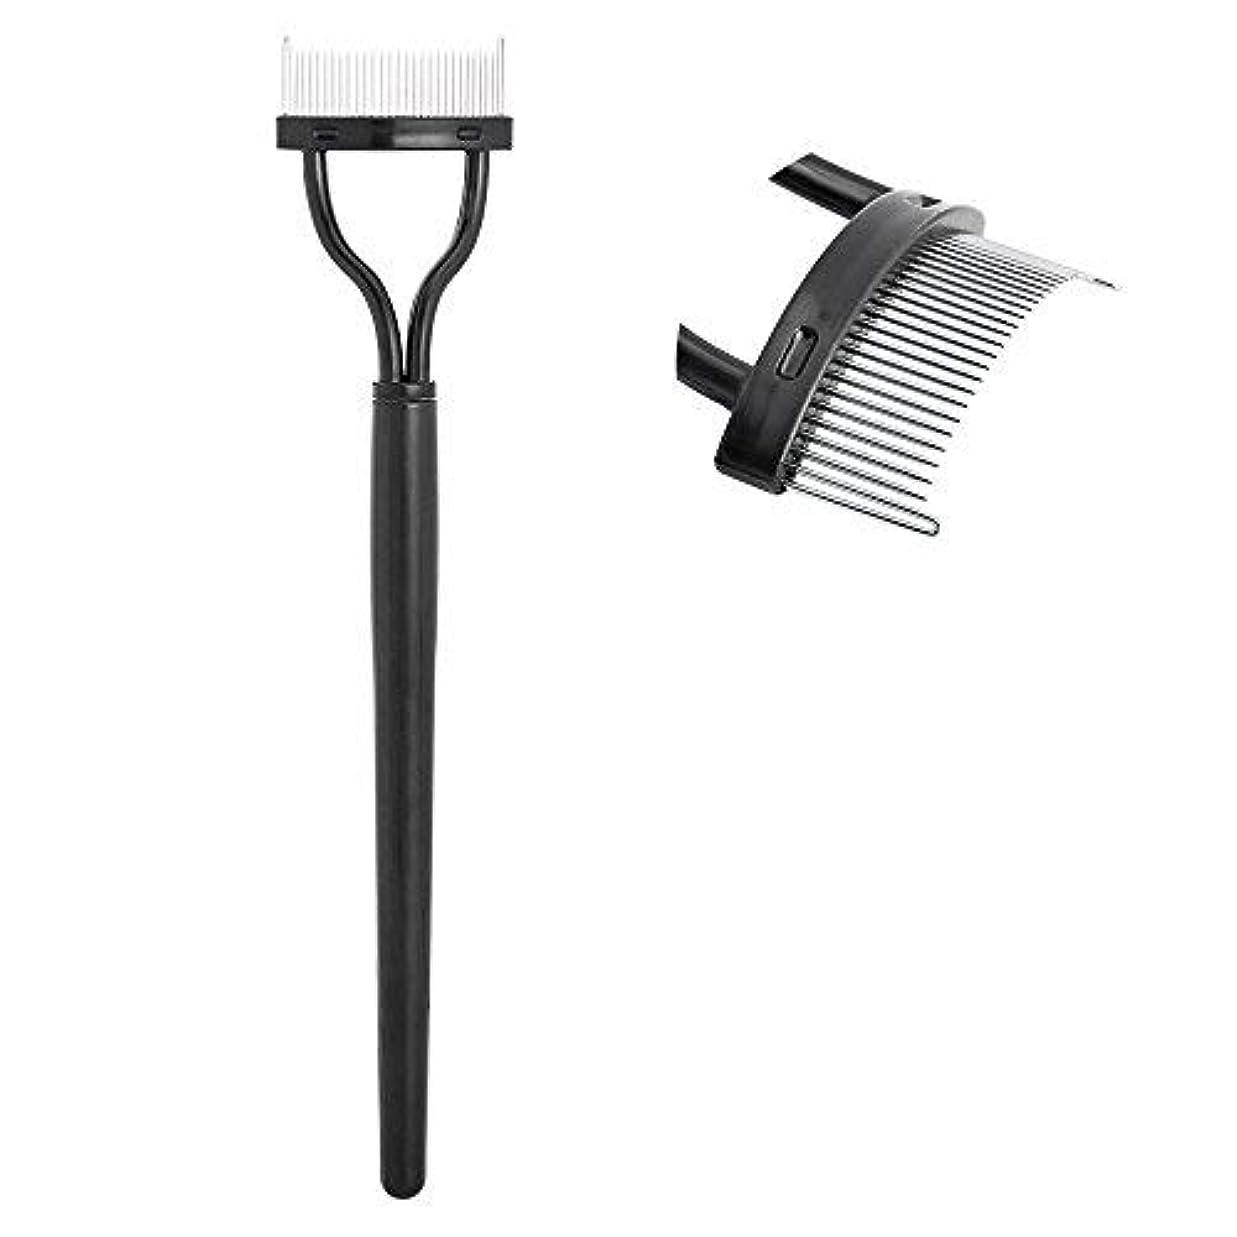 代数的争いチェスATOMUS マスカラブラシ 櫛 鋼の針のマスカラセパレータツール 女性のまつげのメイクブラシ 金属歯 2つの選択可能な色 (まつげくし (黒))